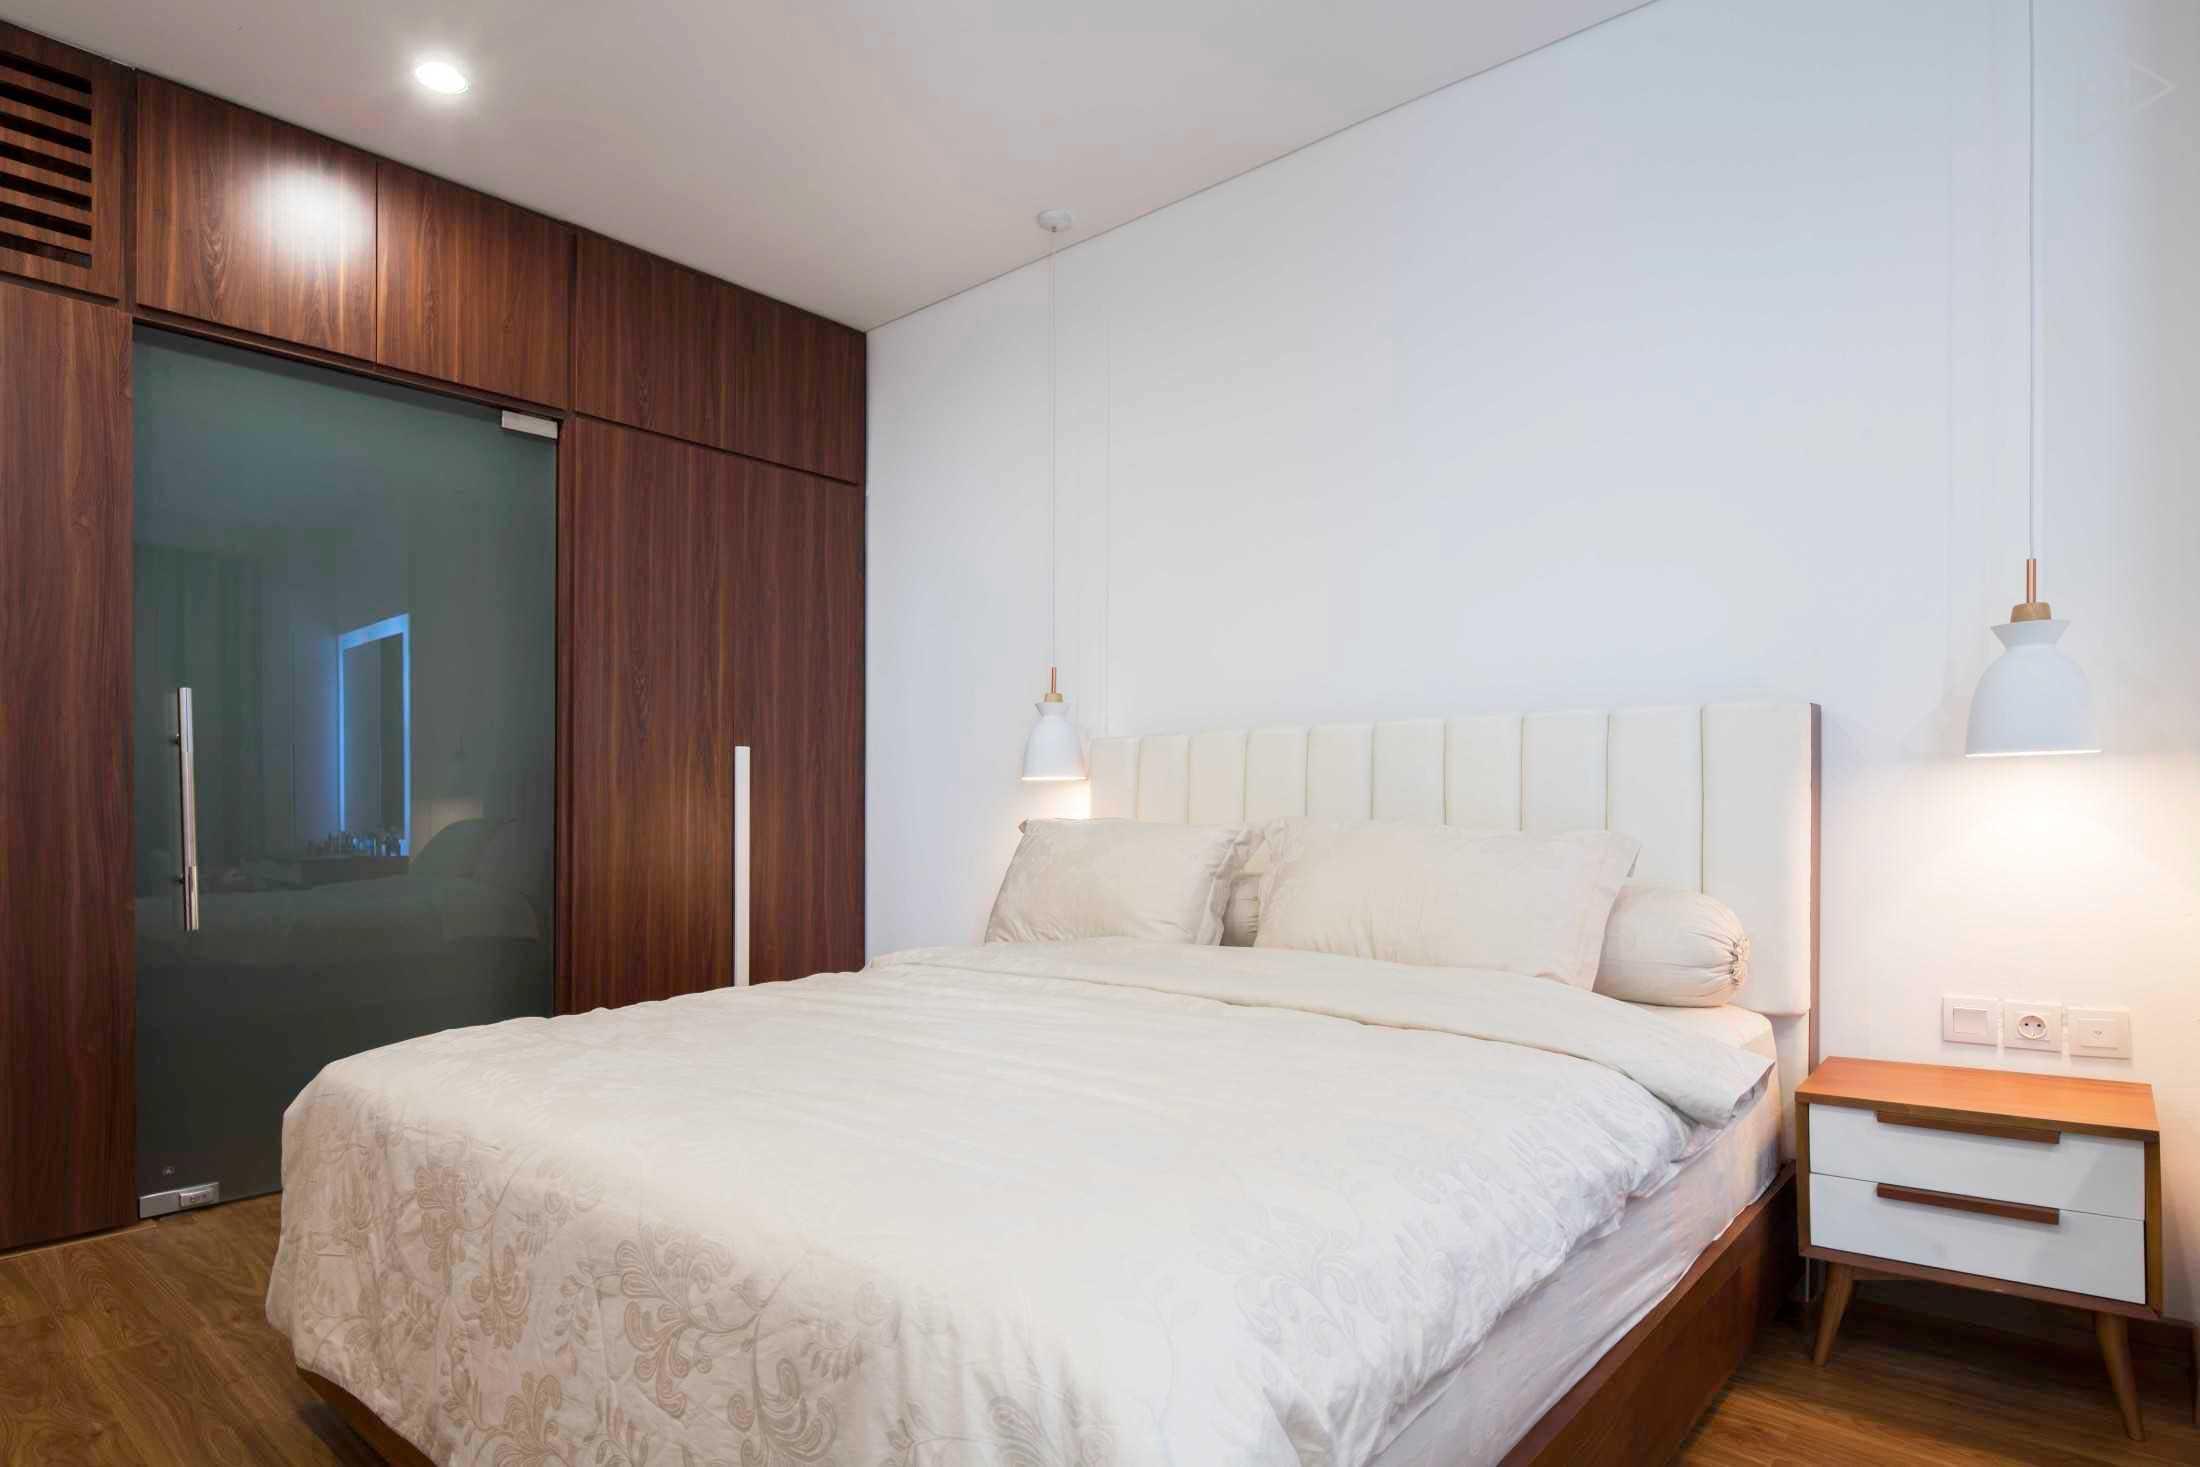 Perpaduan warna putih dan cokelat kayu yang super cozy untuk waktu istirahat yang nyaman, karya TIES Design & Build, via arsitag.com